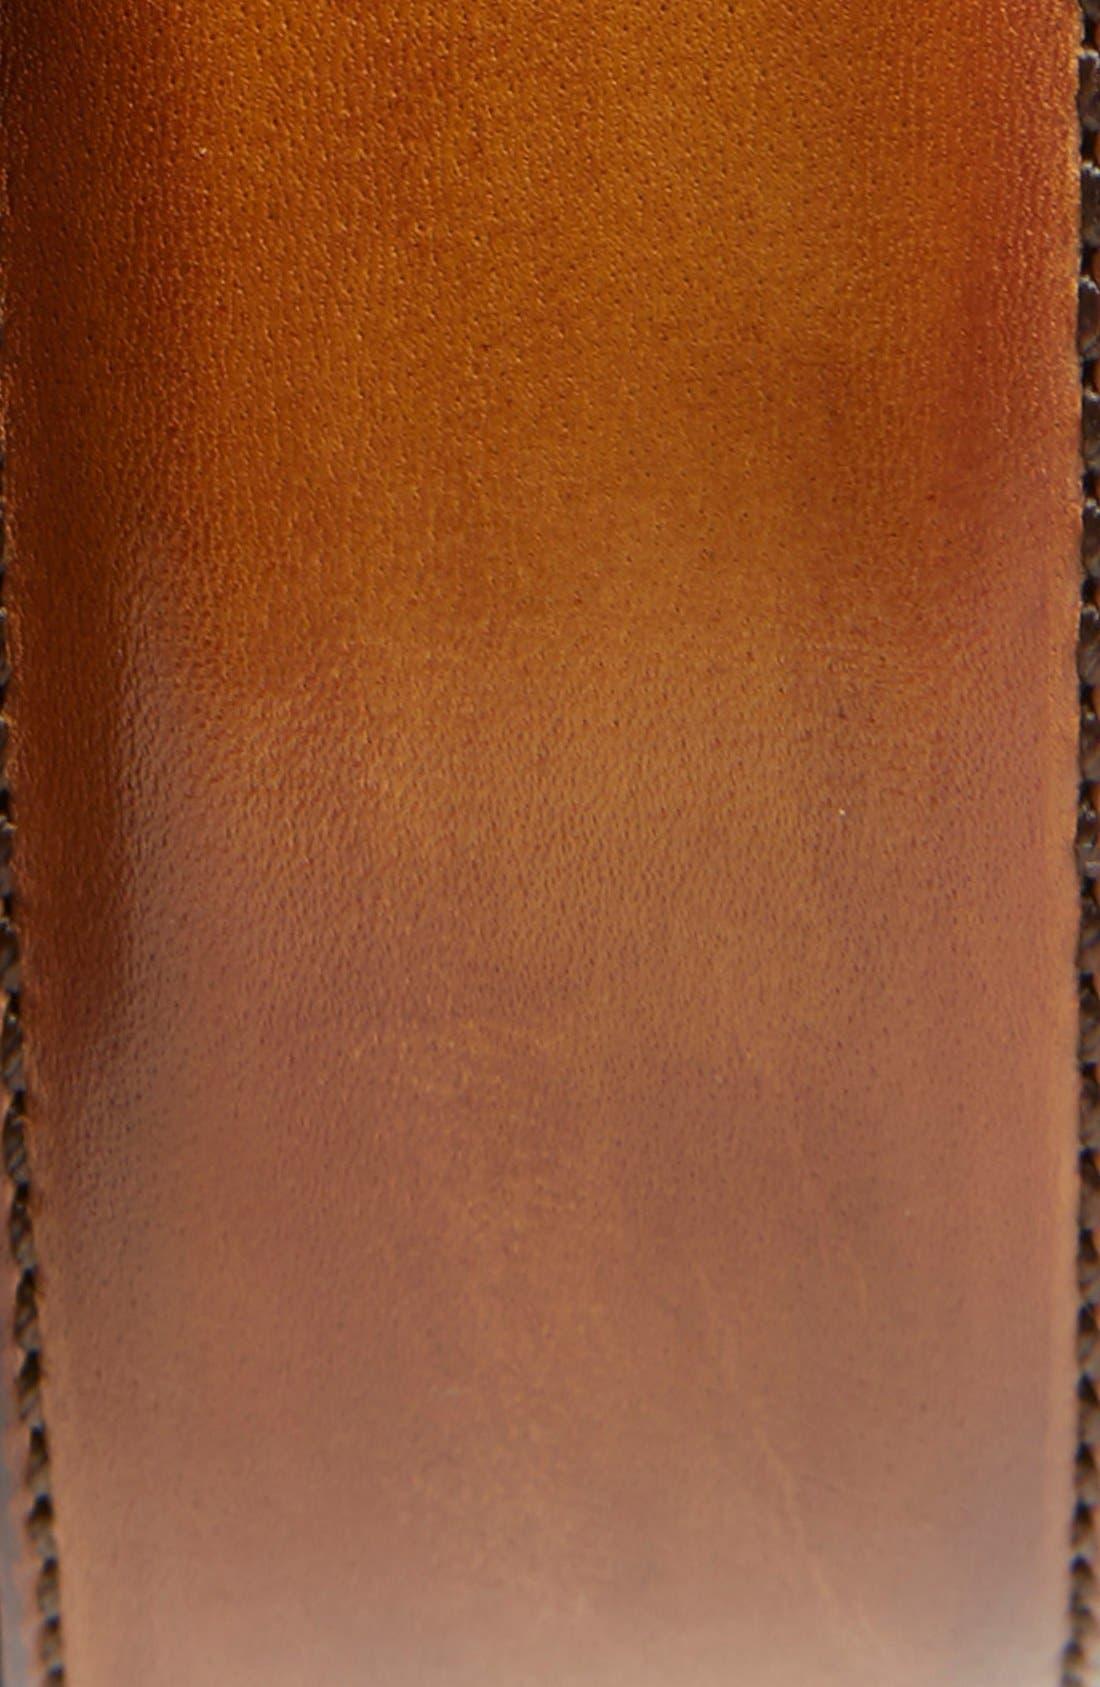 Catalux Leather Belt,                             Alternate thumbnail 2, color,                             230